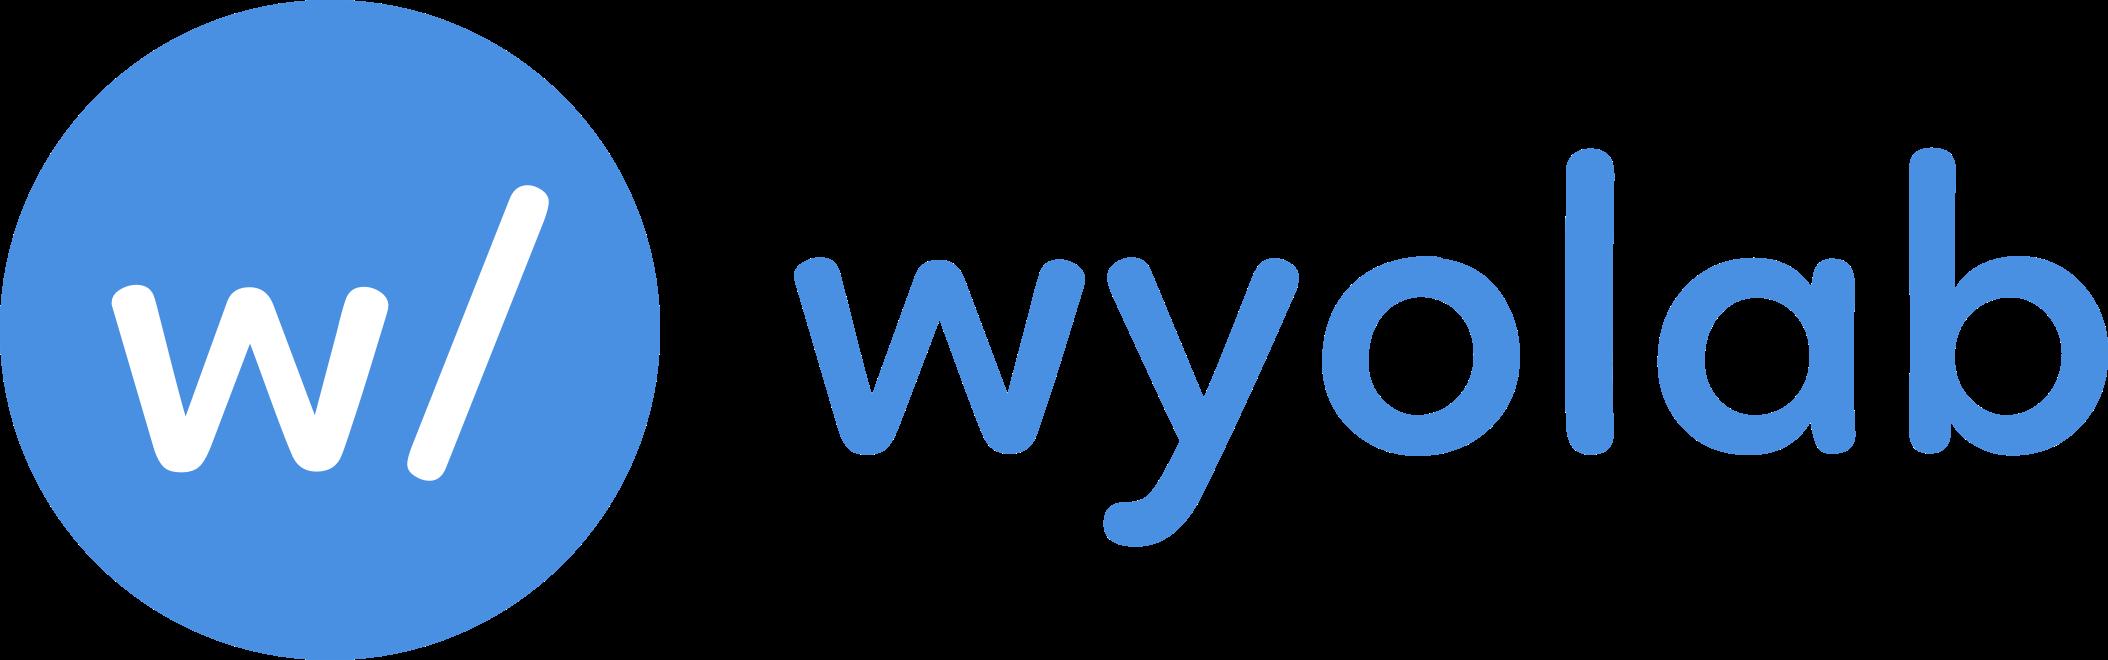 Wyolab logo